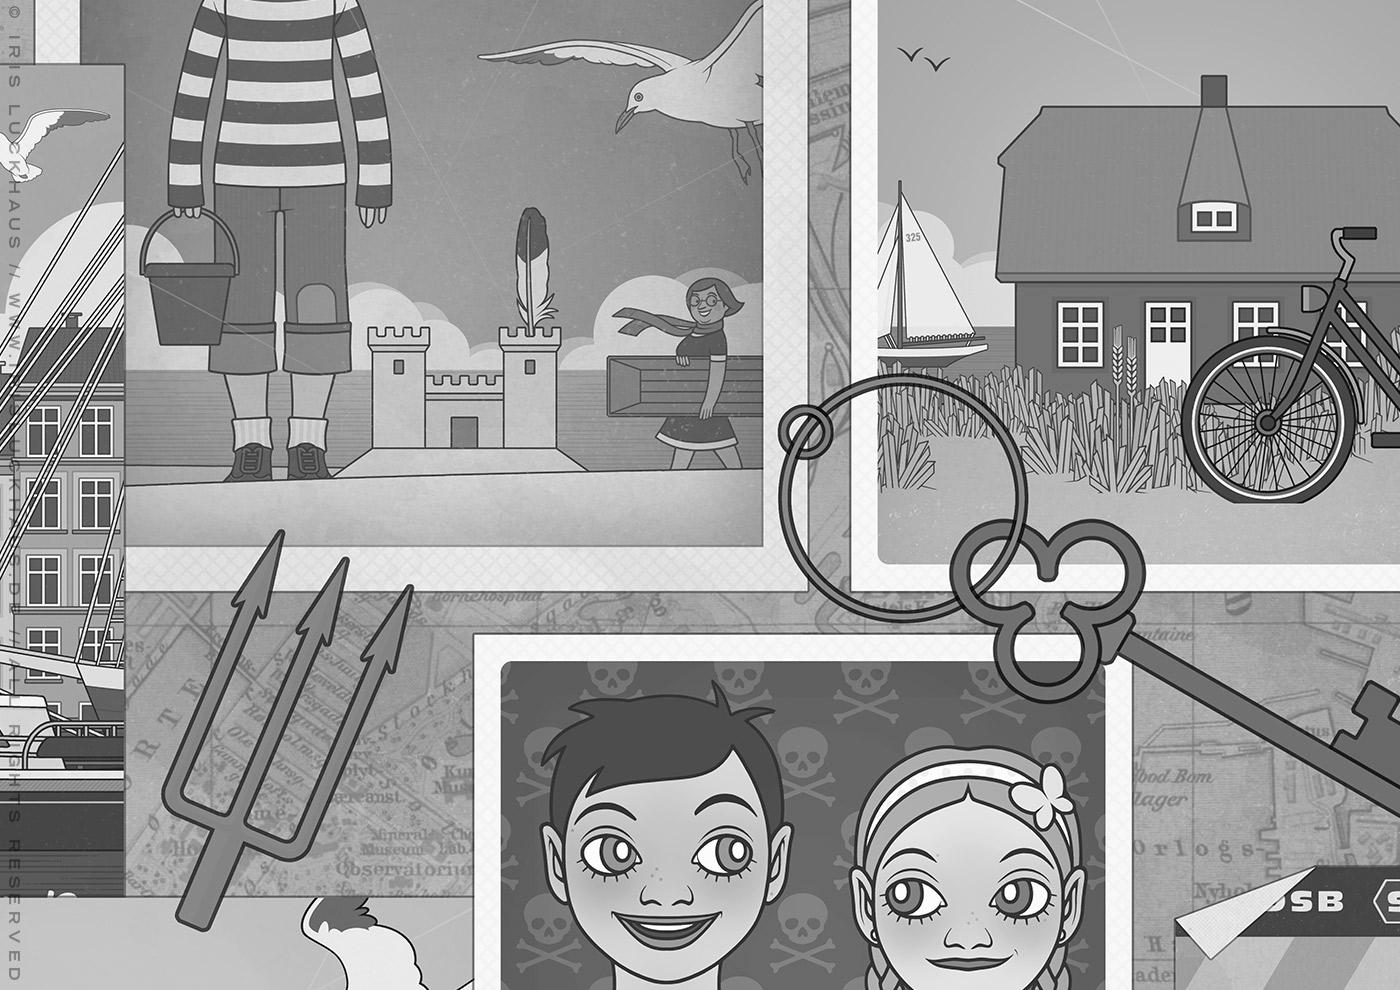 Gezeichnetes Schwarzweiß-Fotos von dänischen Stränden am Meer mit Menschen, Häusern, Segelbooten, Sandburgen und Fahrrädern und Möwen für das Vorsatzblatt des Buchs Lillesang von Nina Blazon